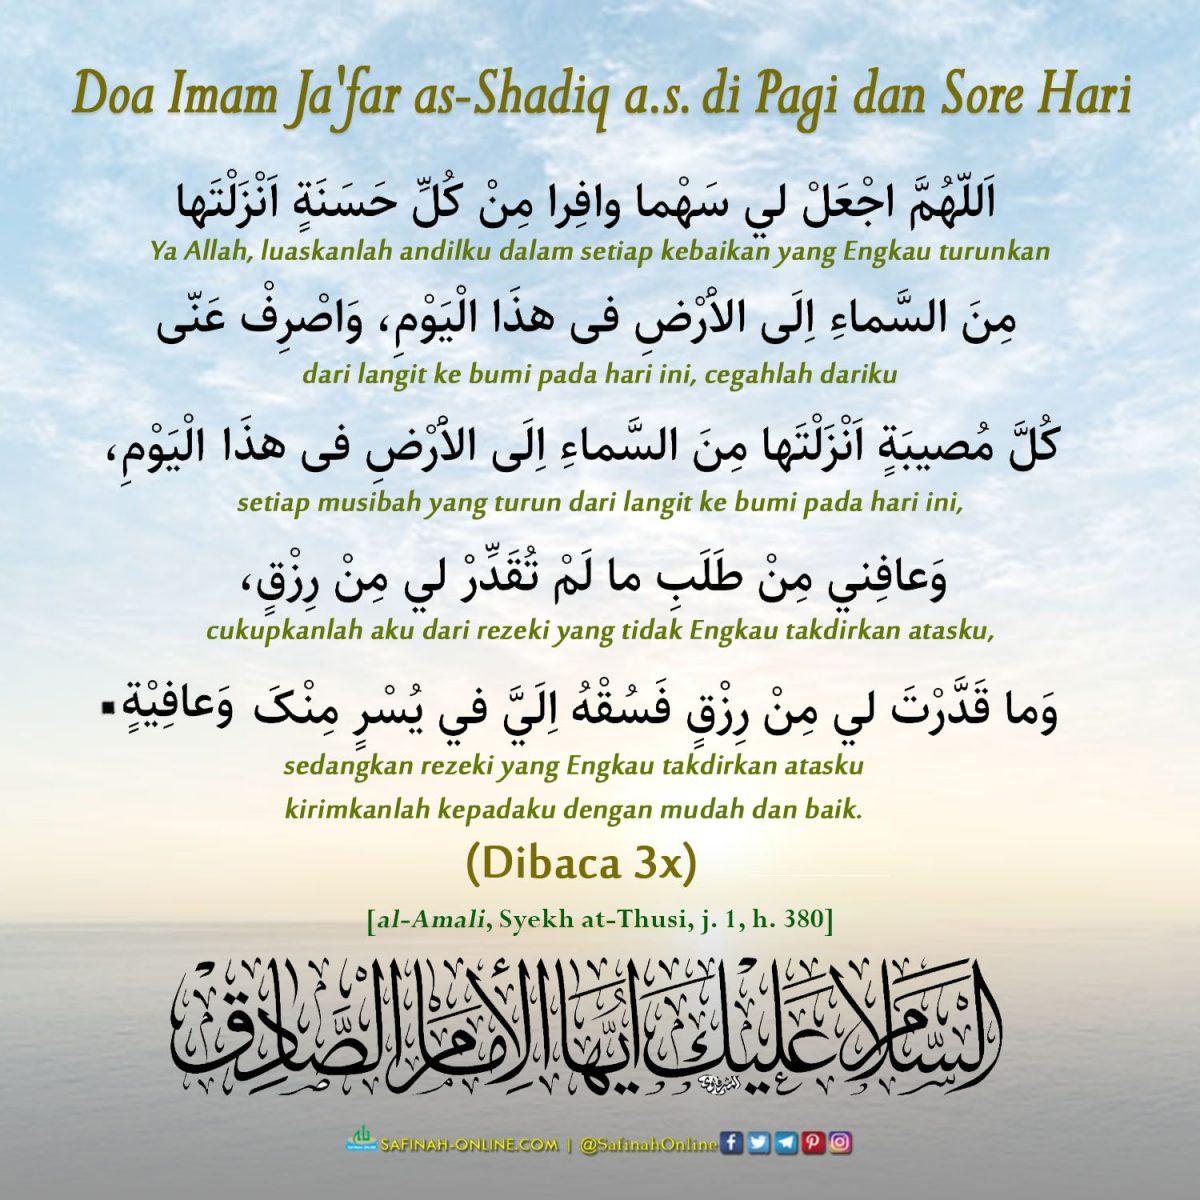 doa imam ja far as shadiq as di pagi dan sore hari safinah online